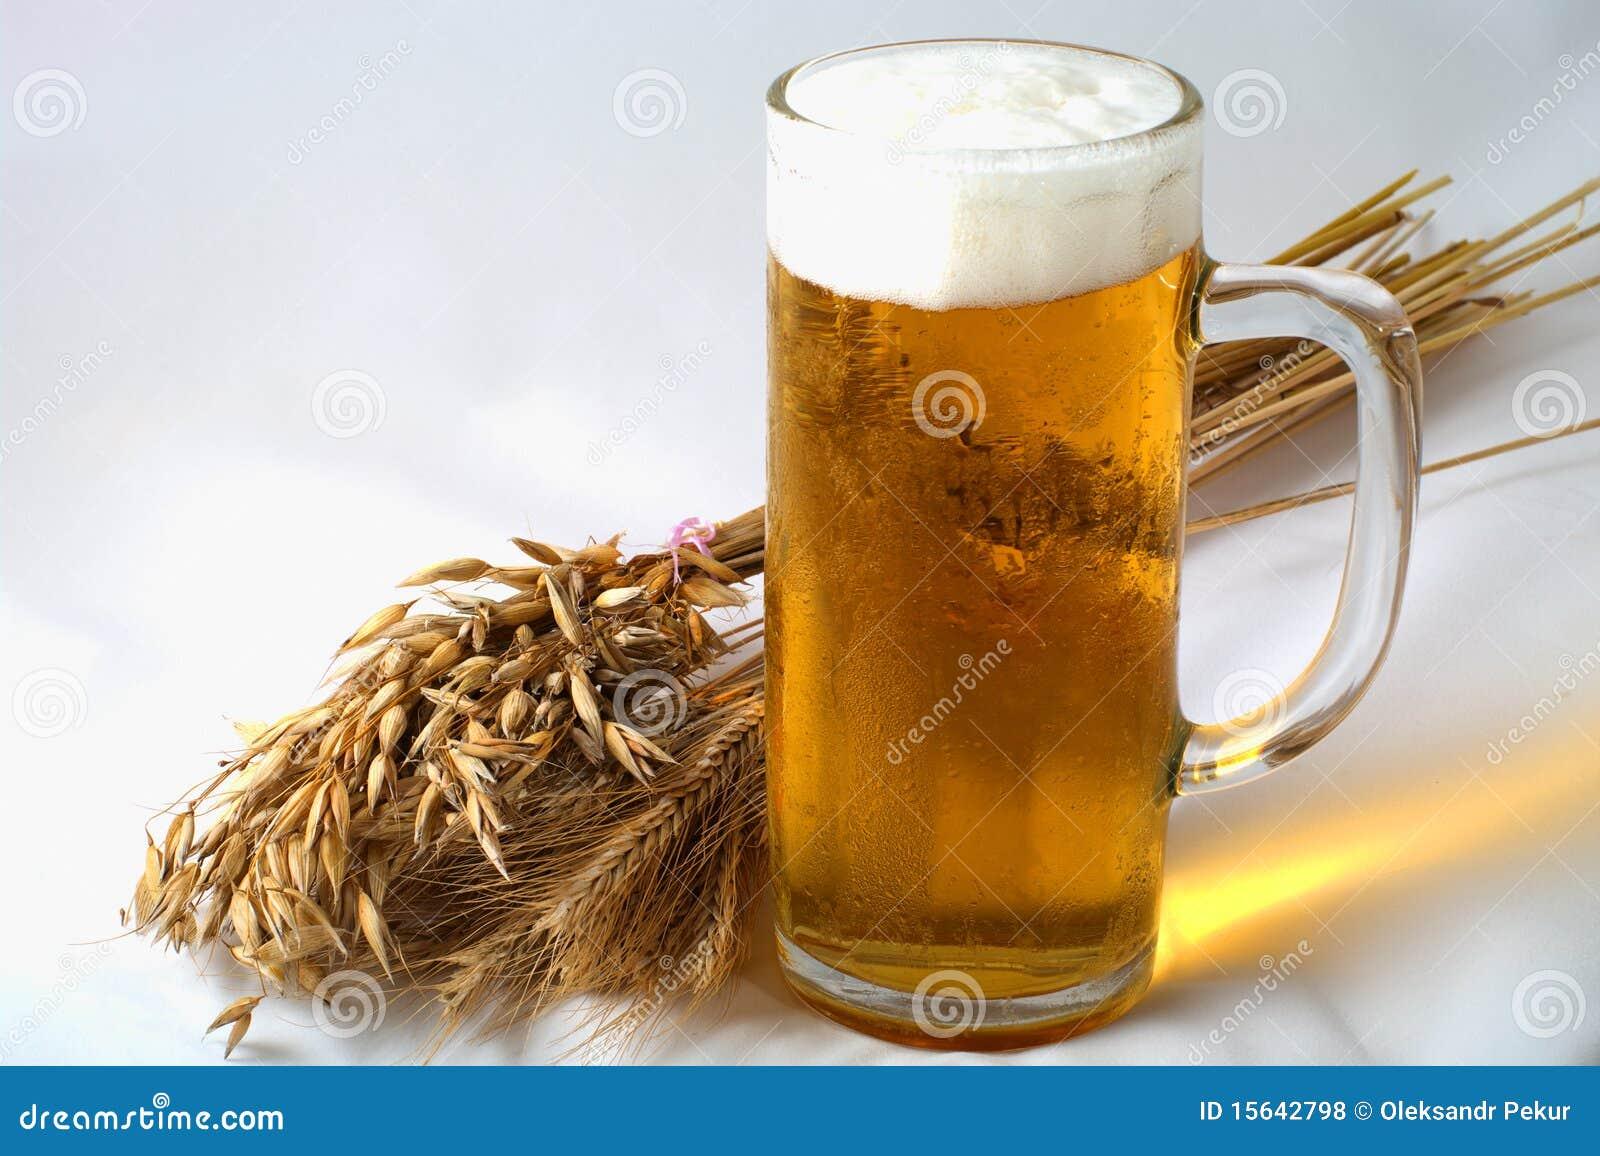 Хмелёфф - пиво в кегах, разливное пиво, живое пиво 52